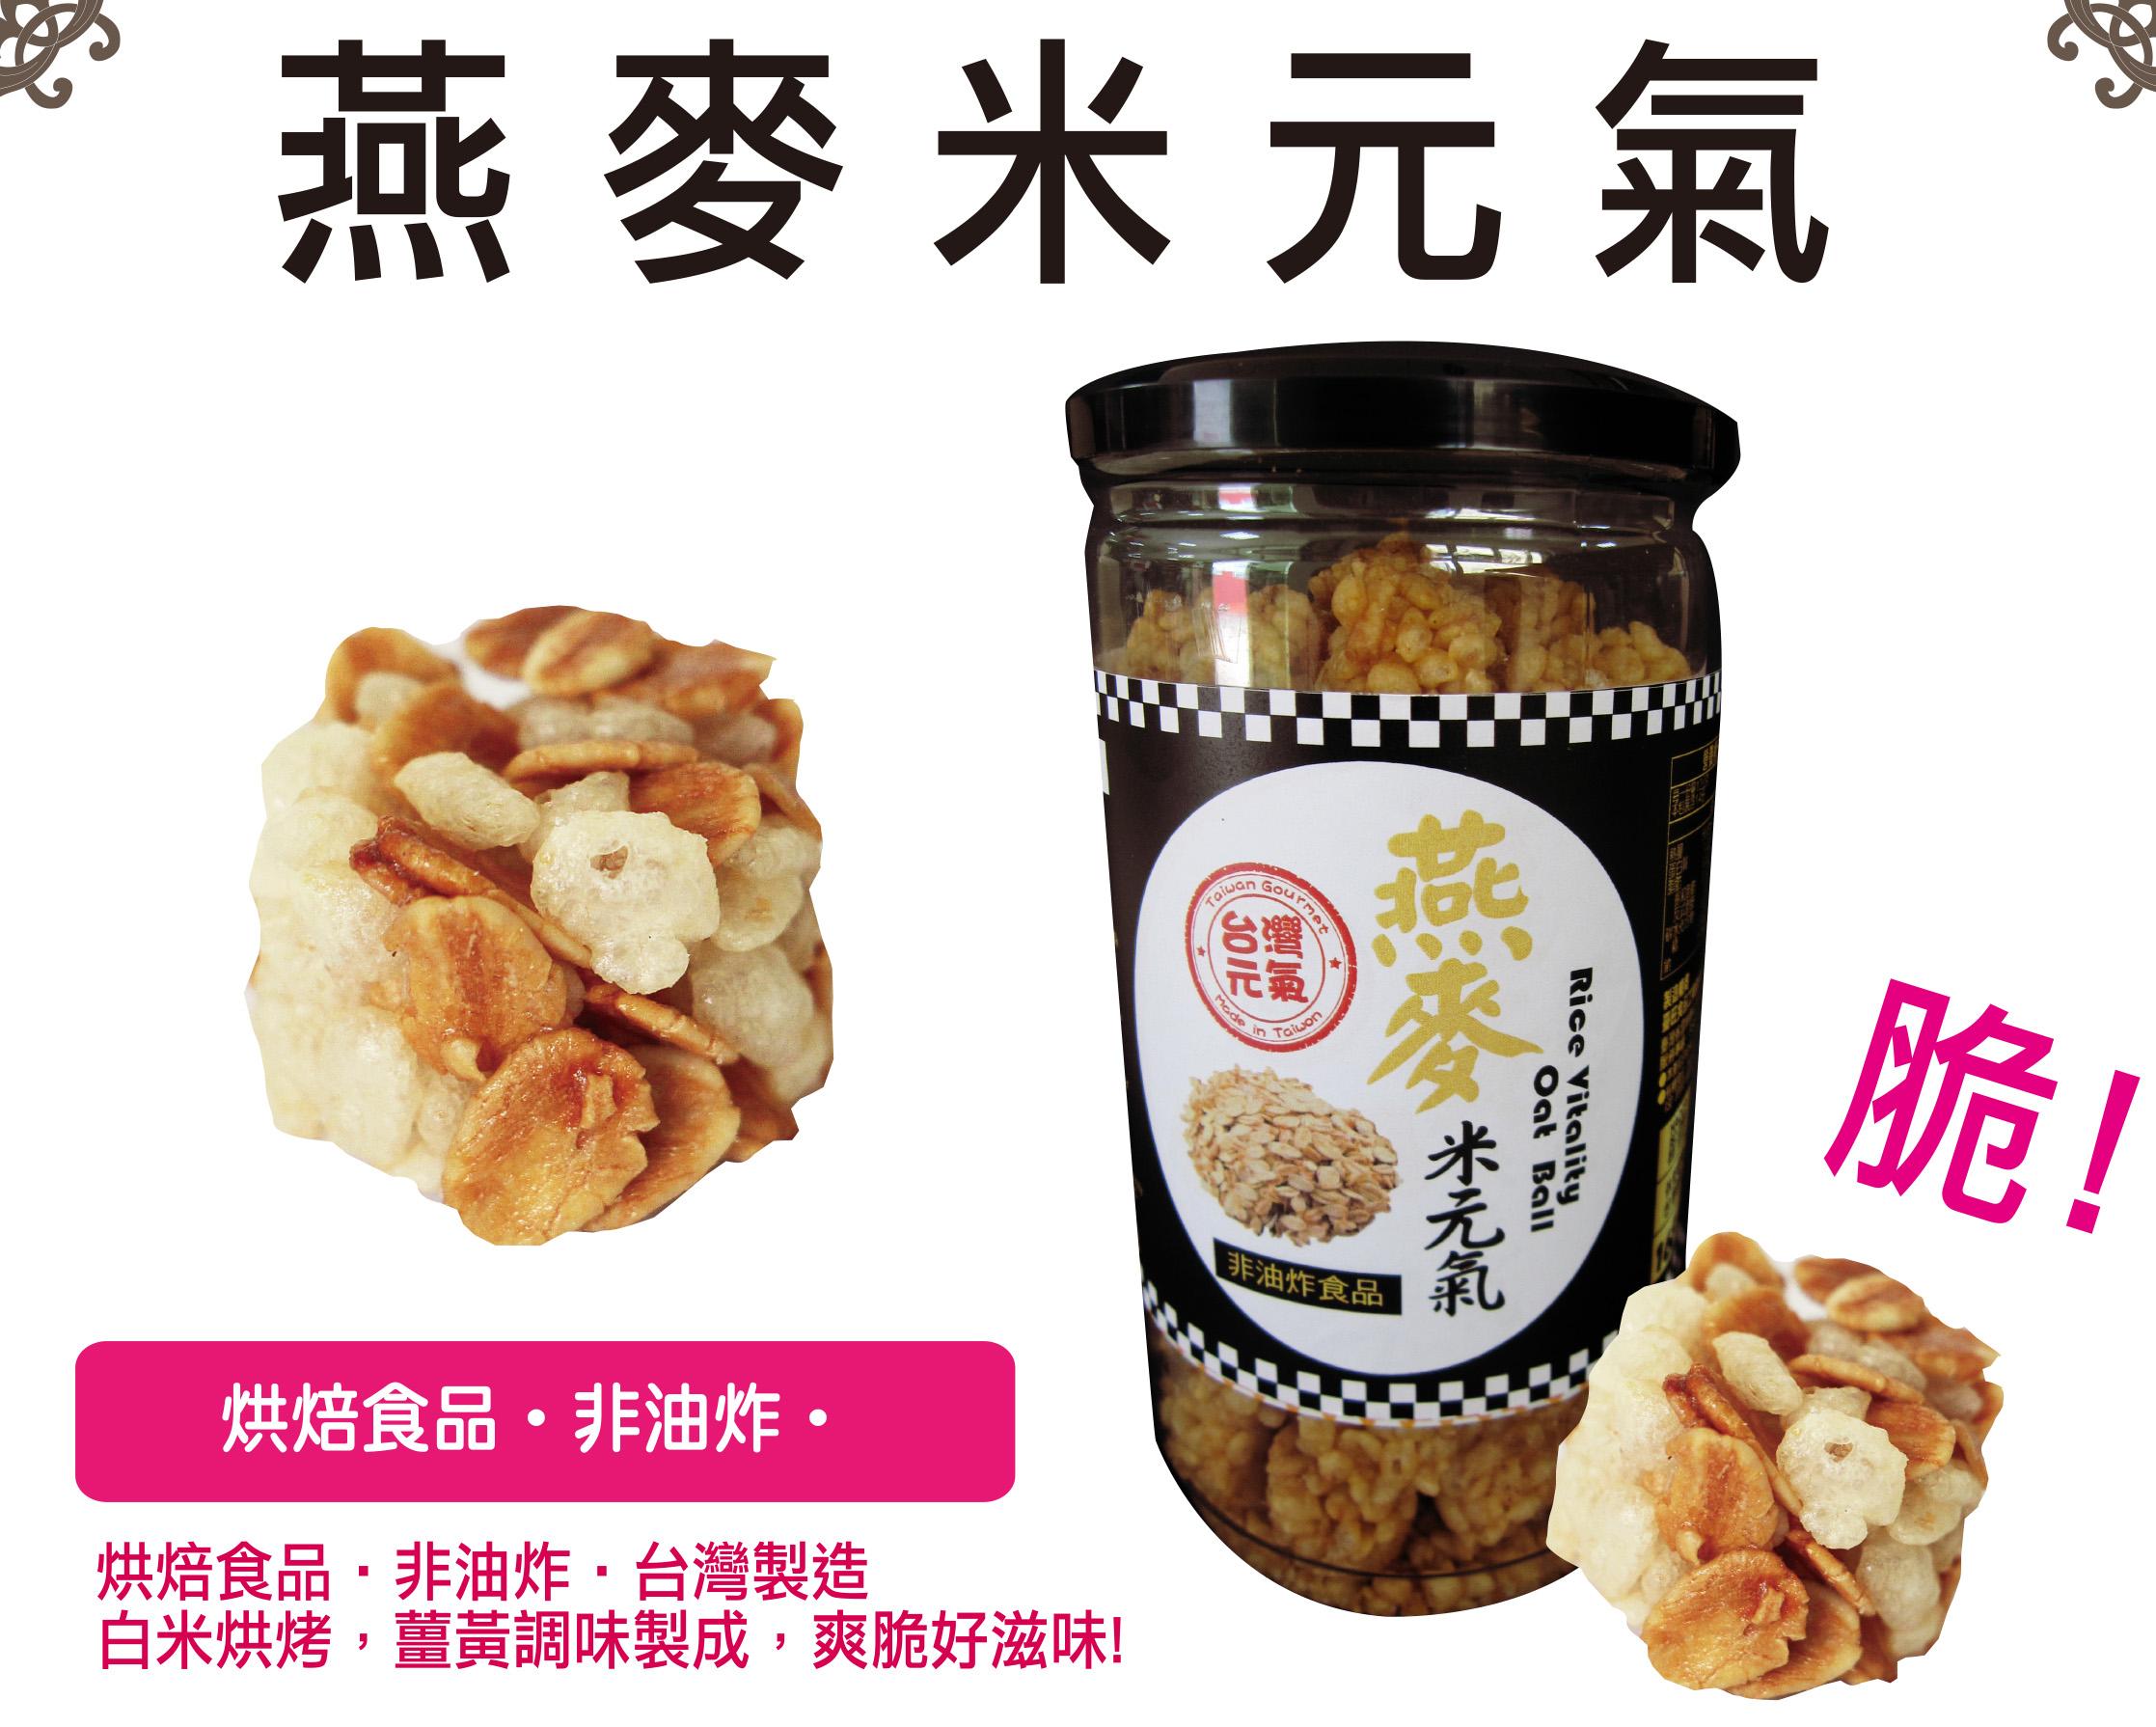 臺旺- 燕麥米元氣 罐裝系列 (168公克/罐)